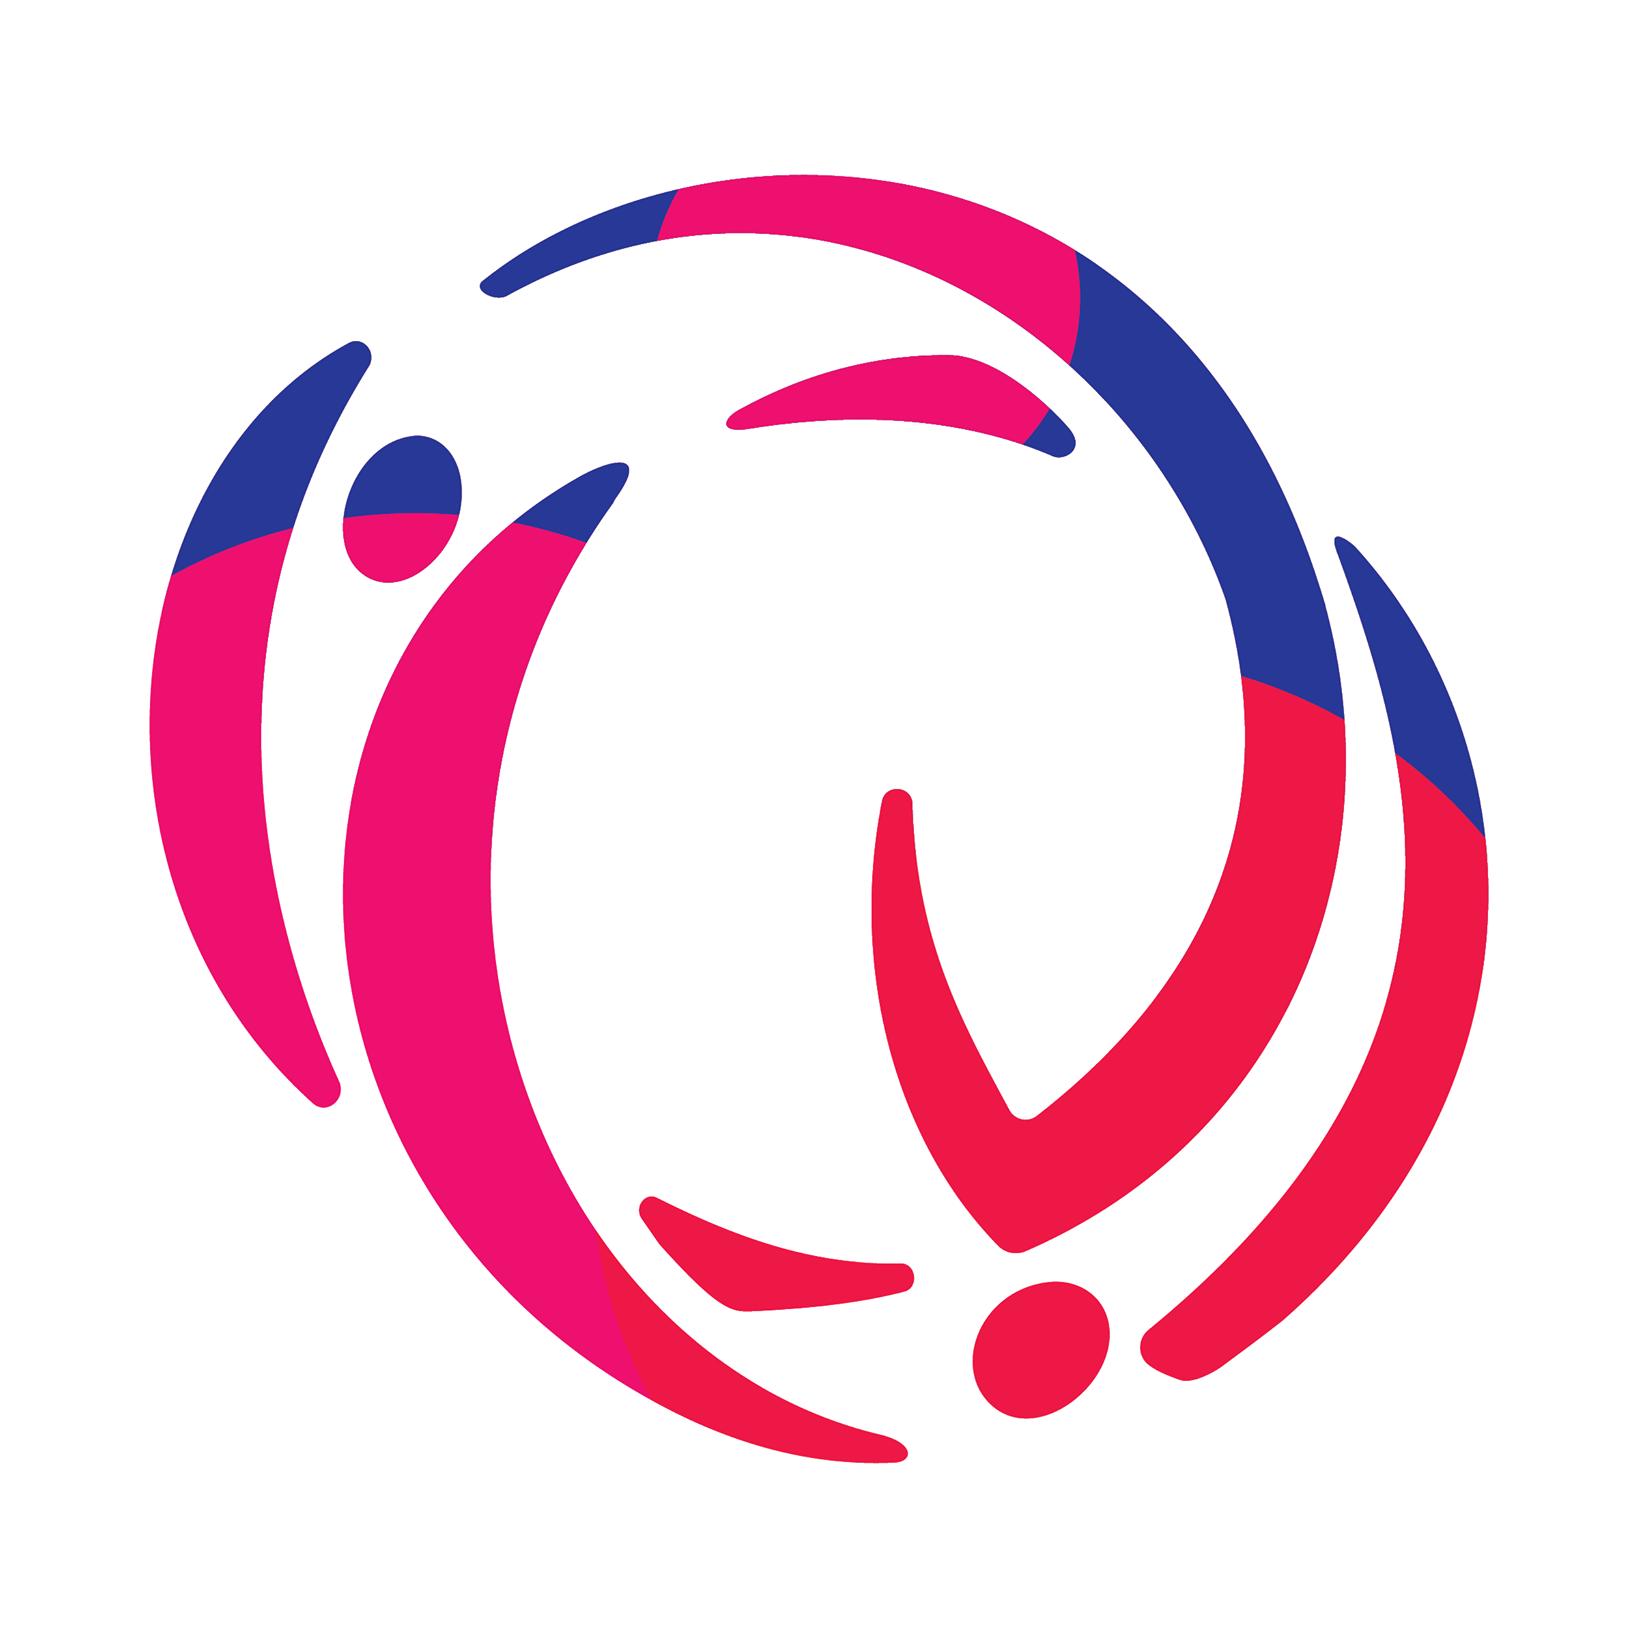 2022 Rhythmic Gymnastics European Championships